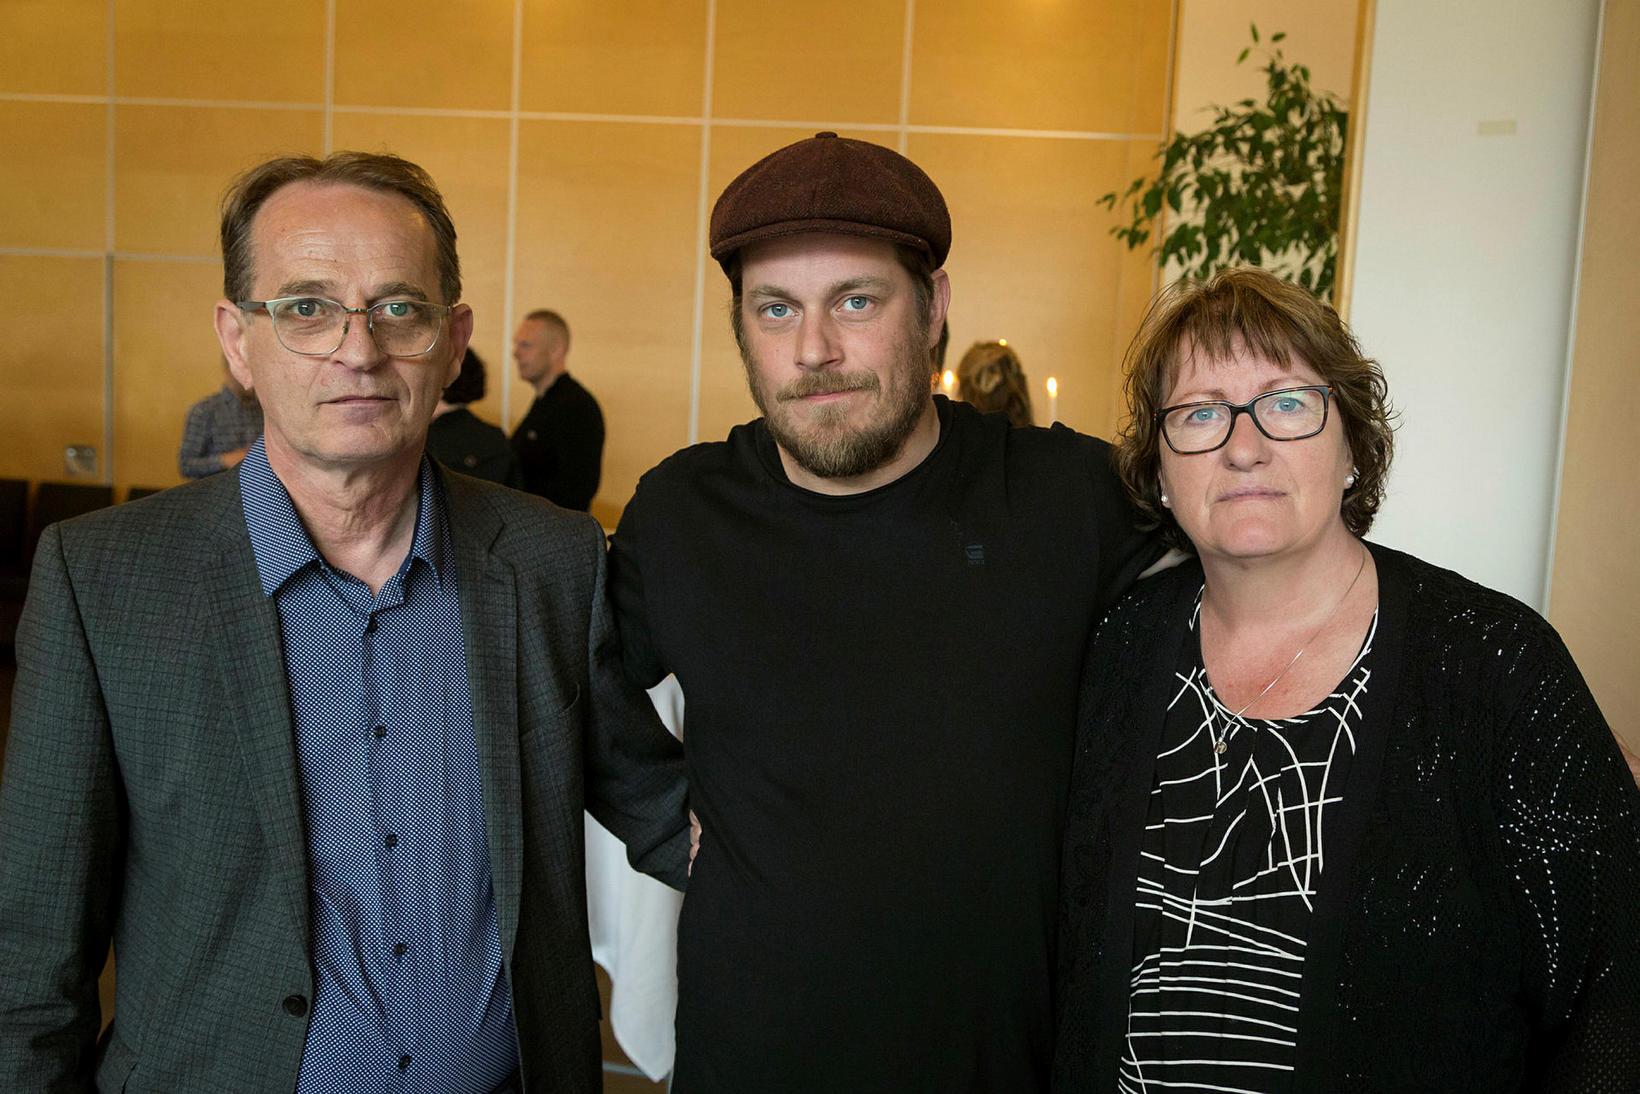 Lúðvík Berg Ægirsson, Tómas Davíð Lúðvíksson og Guðrún Tómasdóttir.